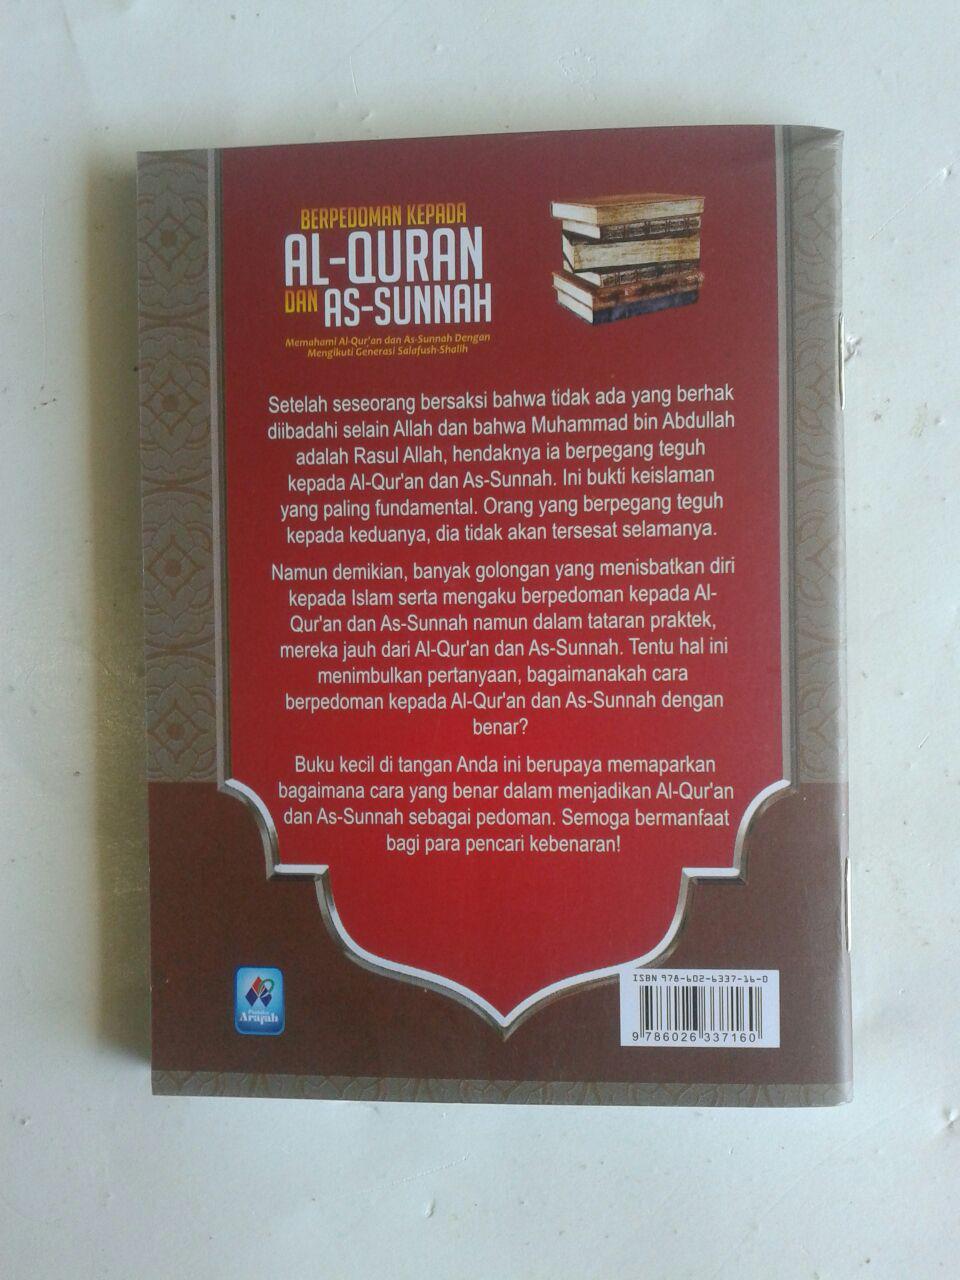 Buku Saku Berpedoman Kepada Al-Quran Dan As-Sunnah cover